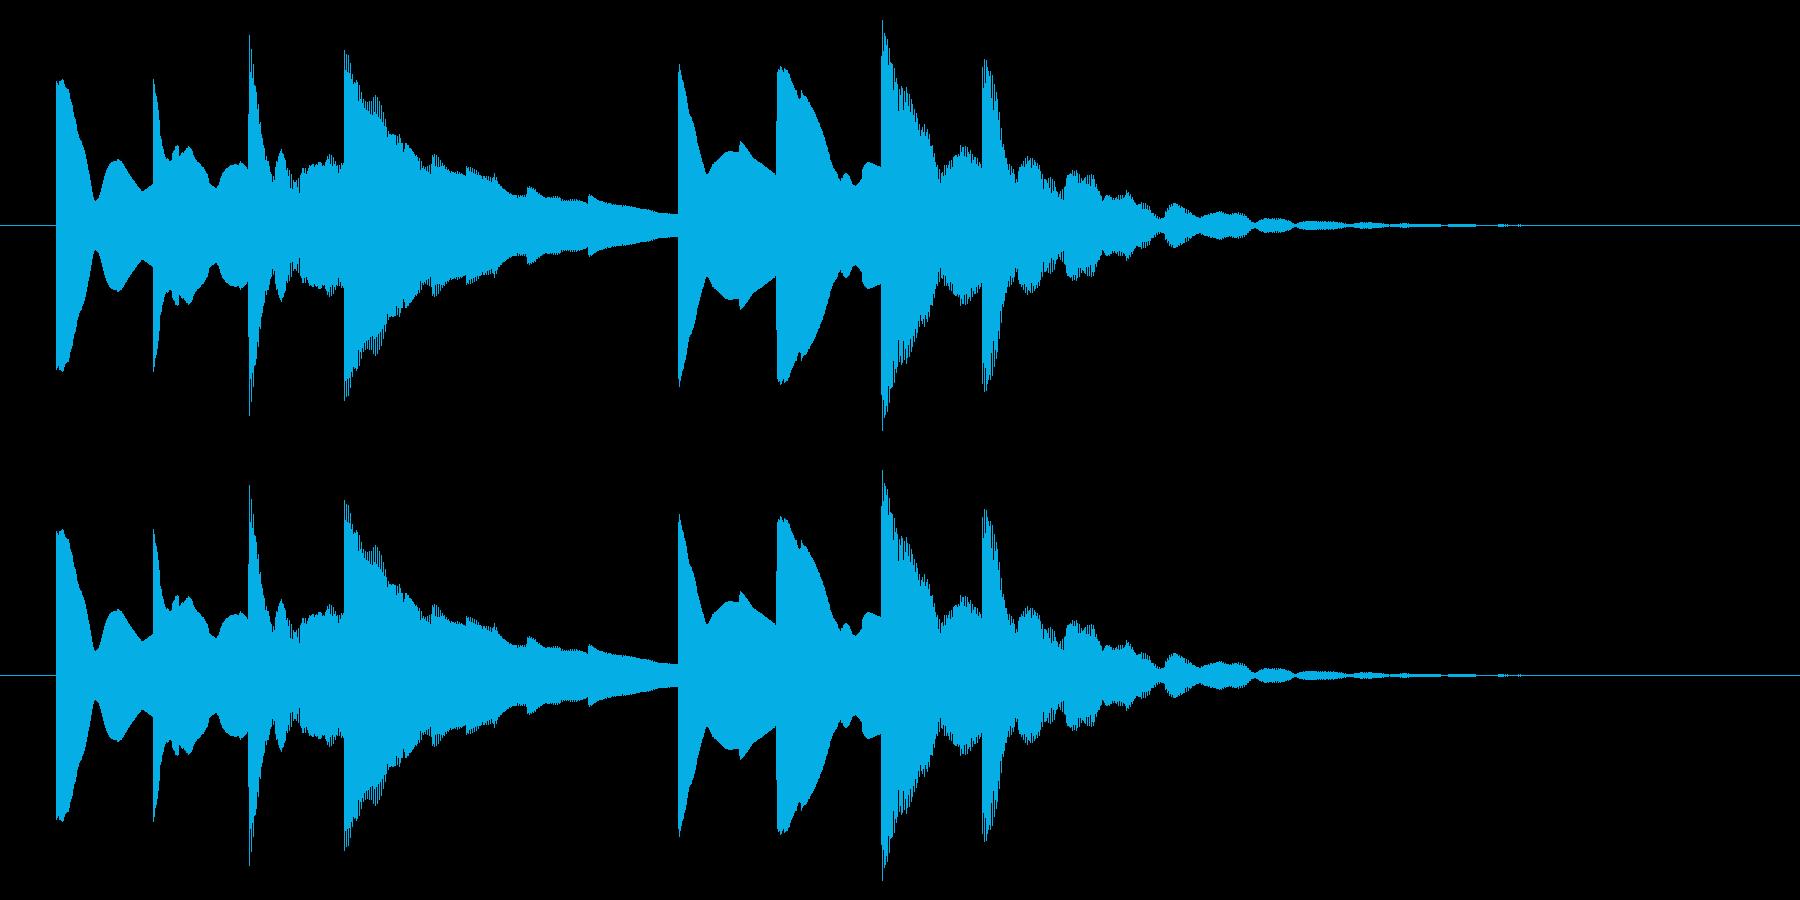 始業・終業 学校のチャイム(電子音)の再生済みの波形